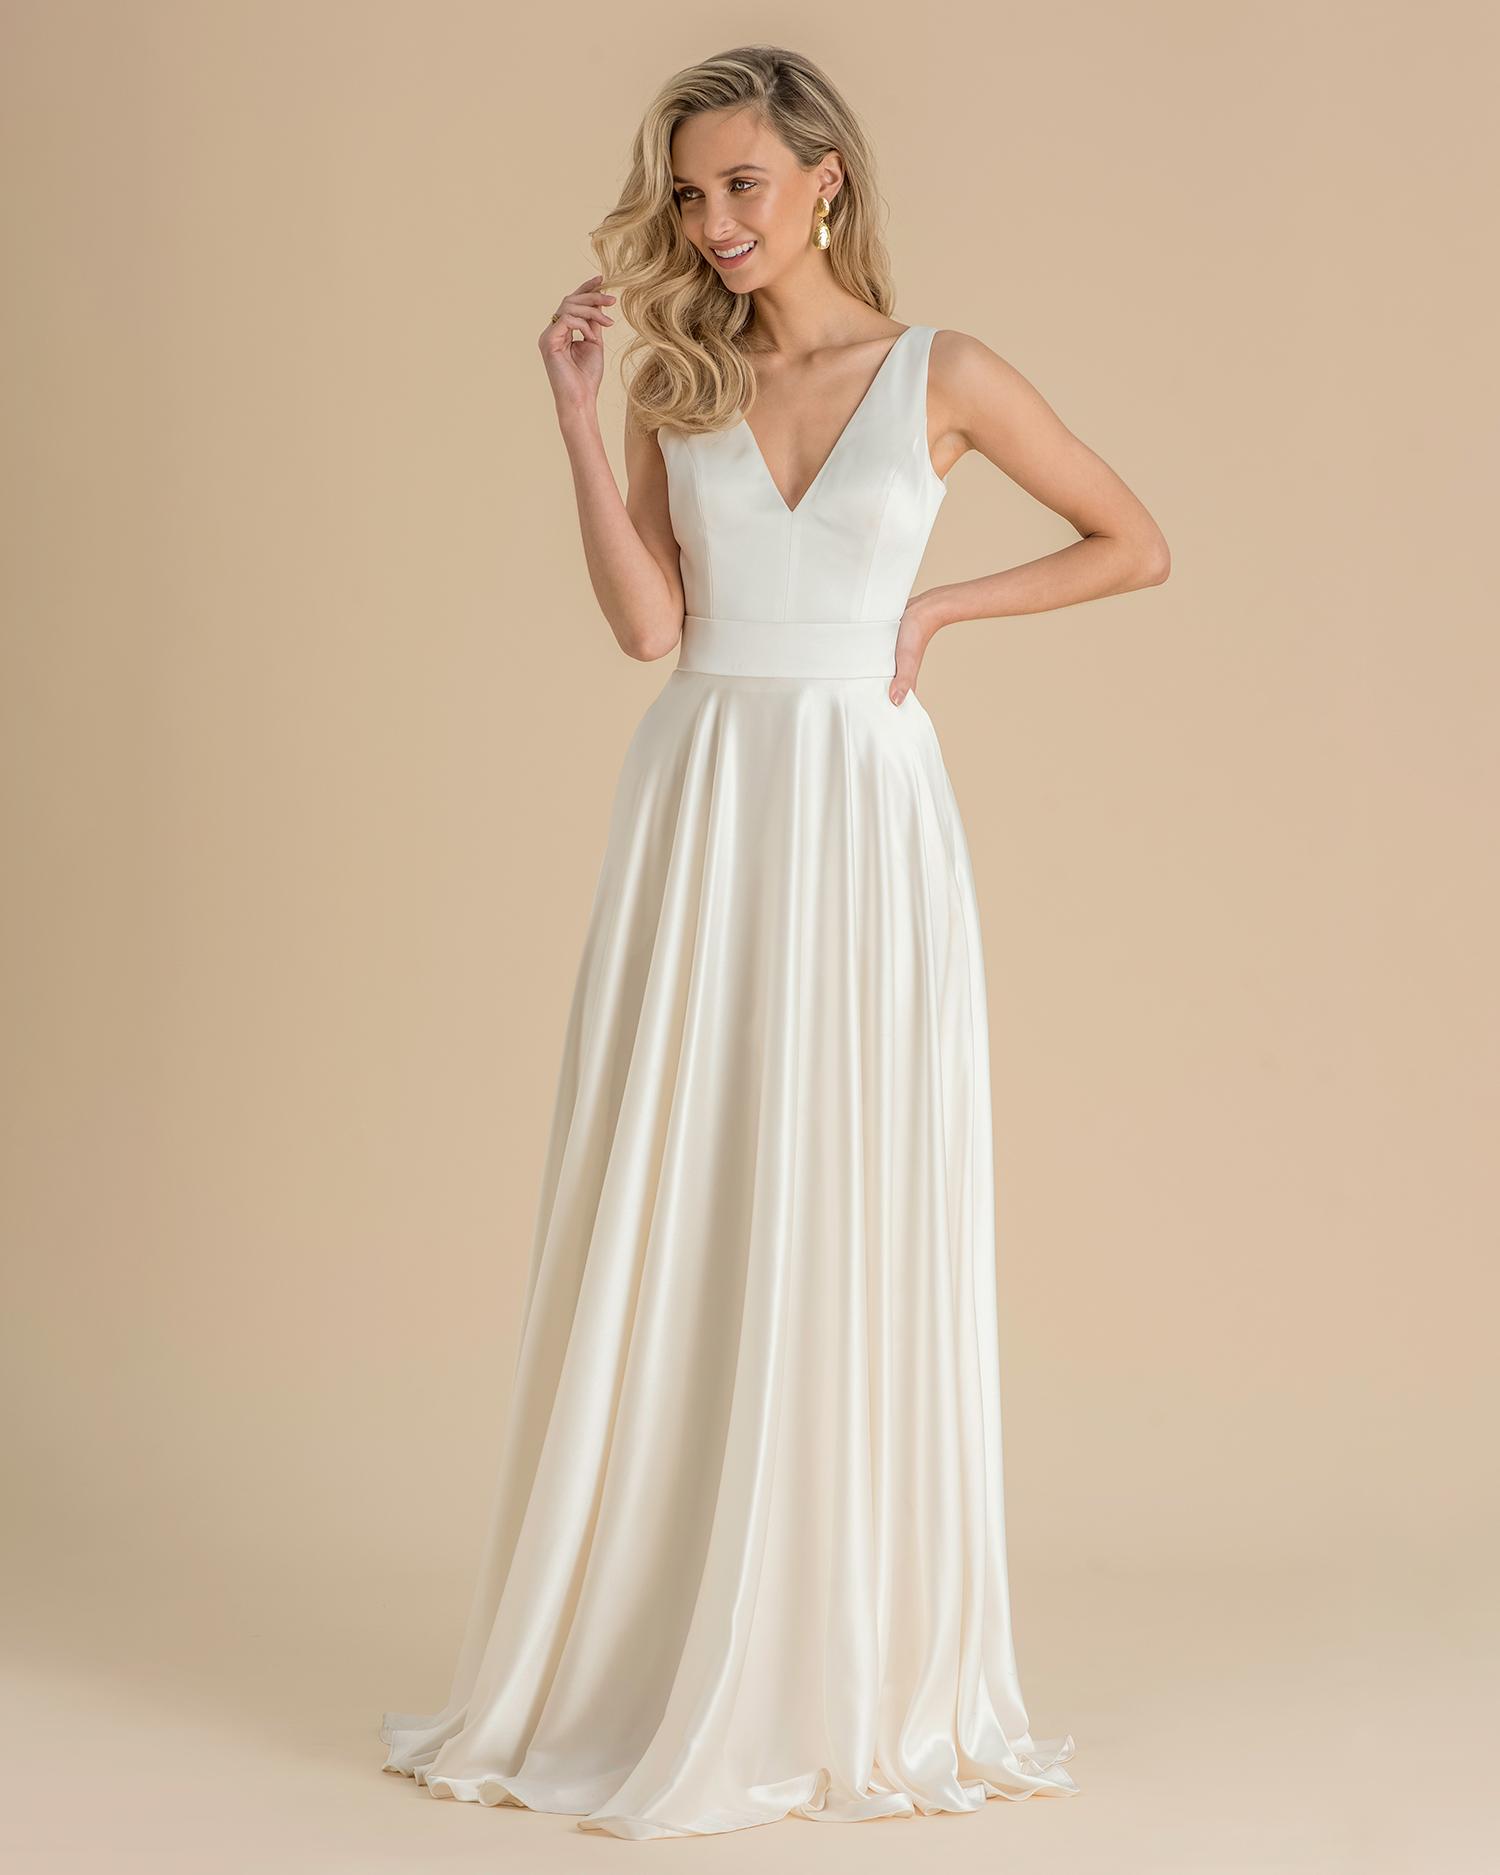 catherine deane wedding dress spring 2019 classic v-neck a-line